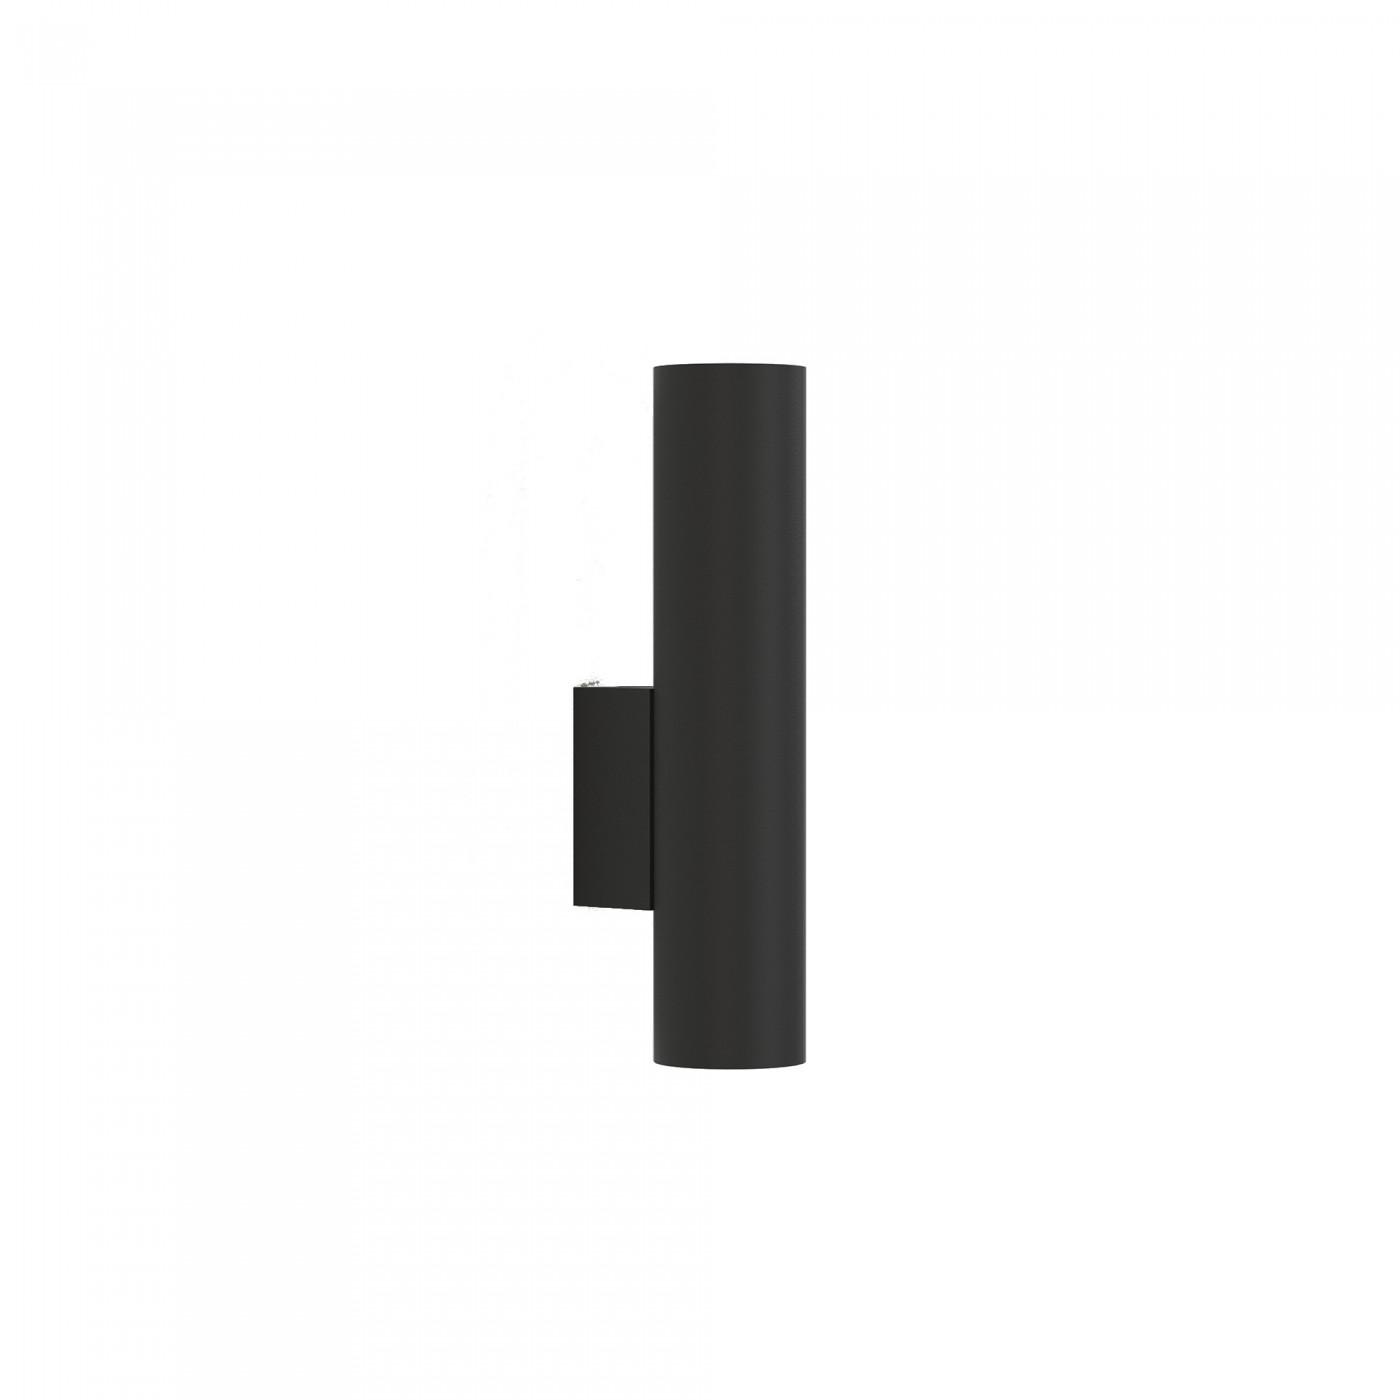 EYE WALL black 8072 Nowodvorski Lighting